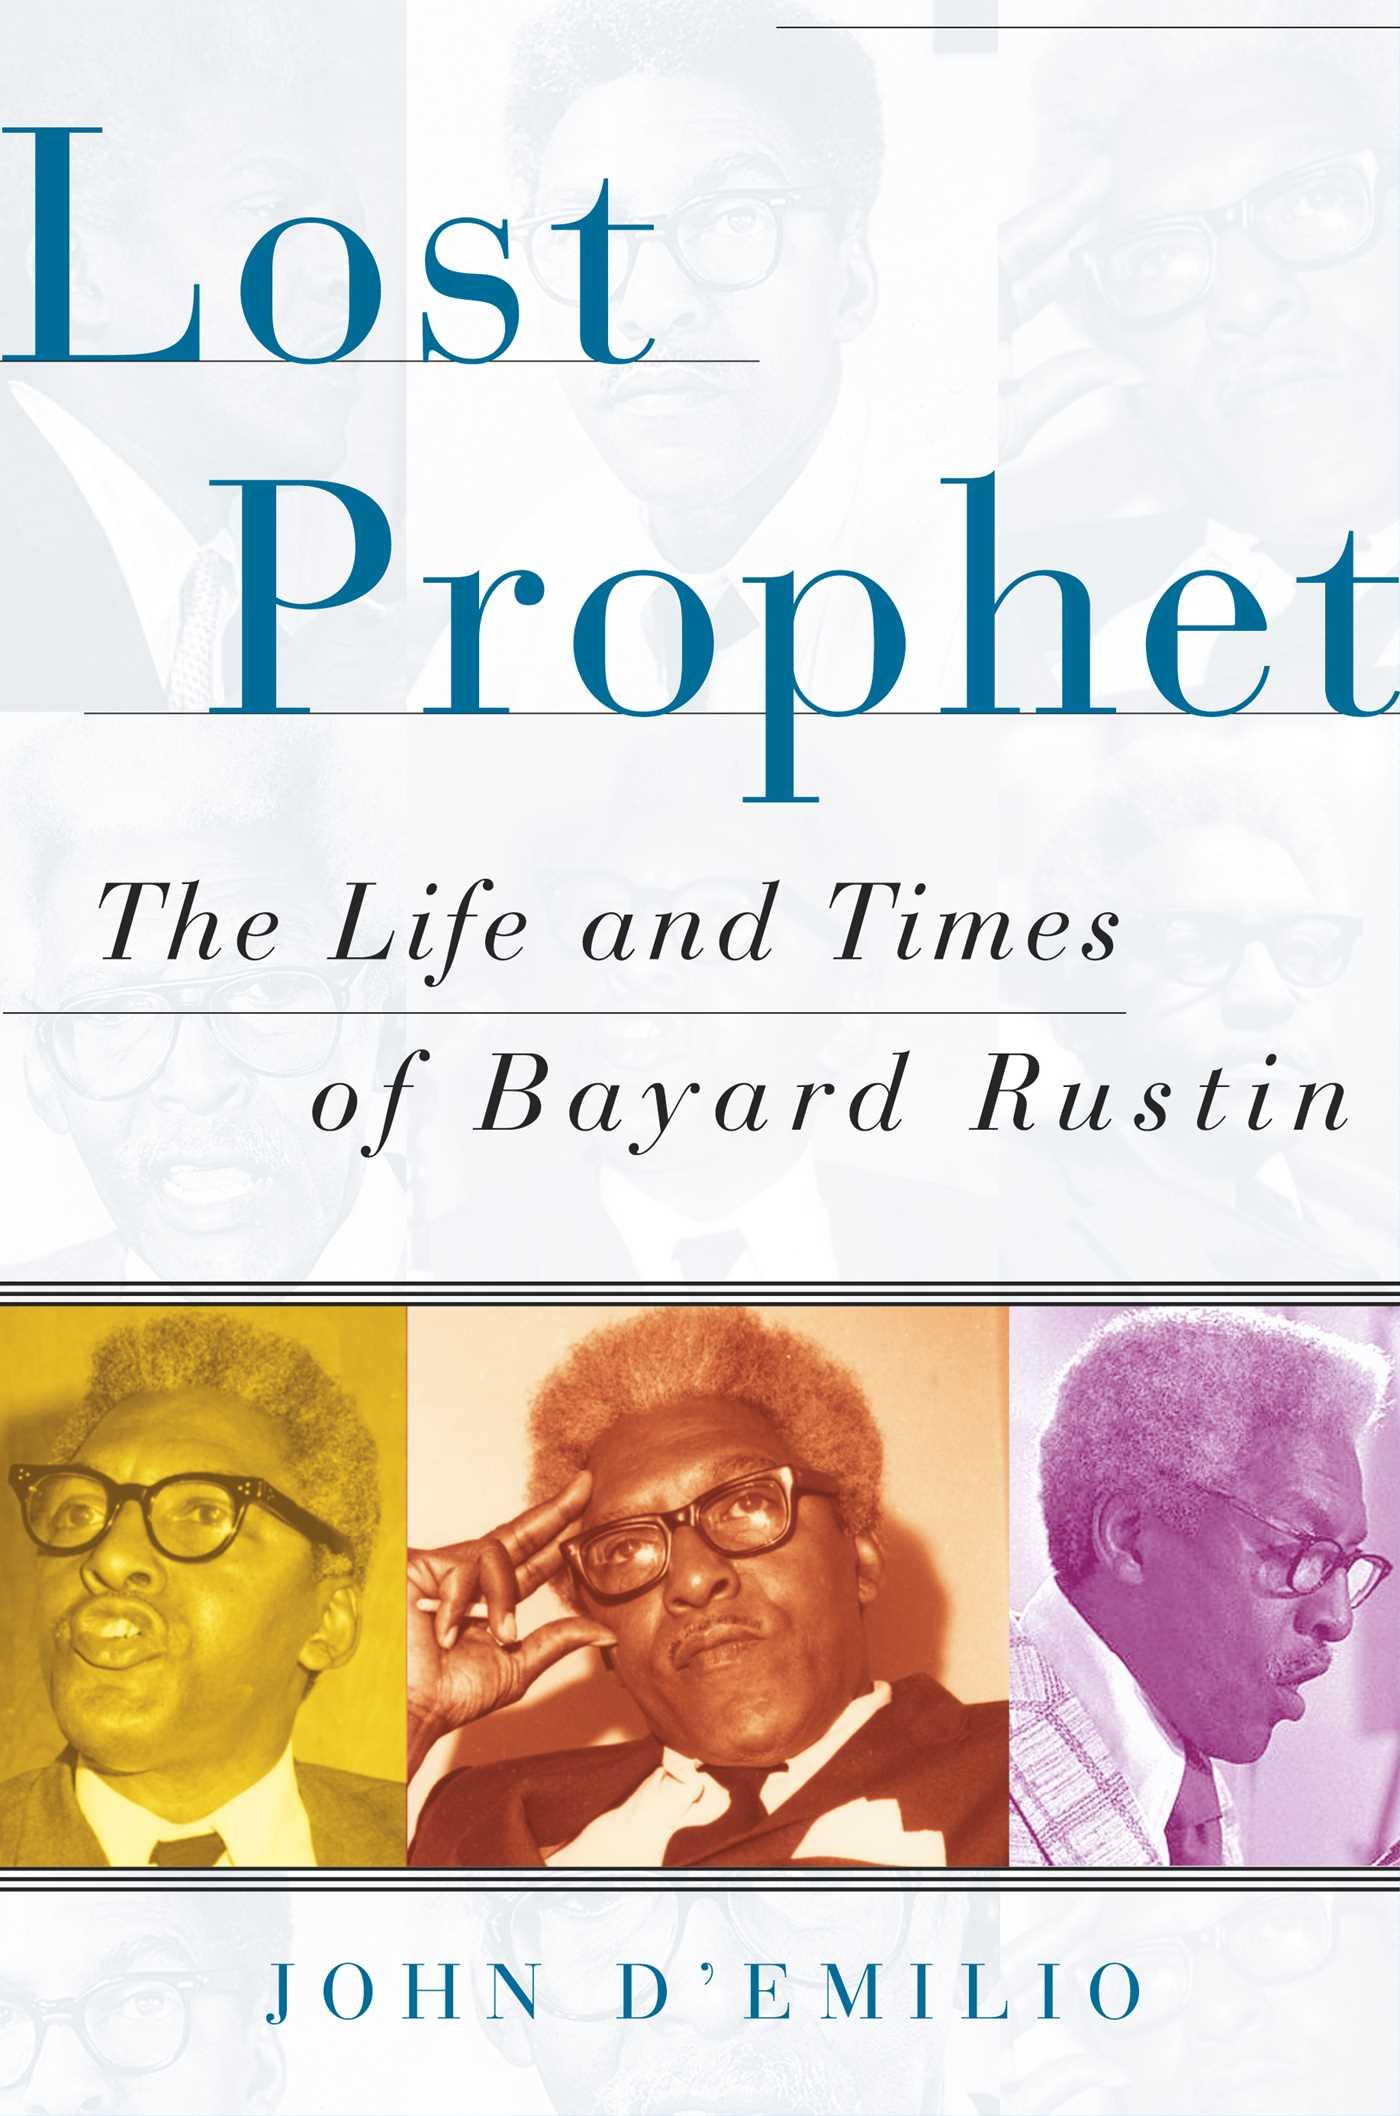 Lost prophet 9781439137482 hr